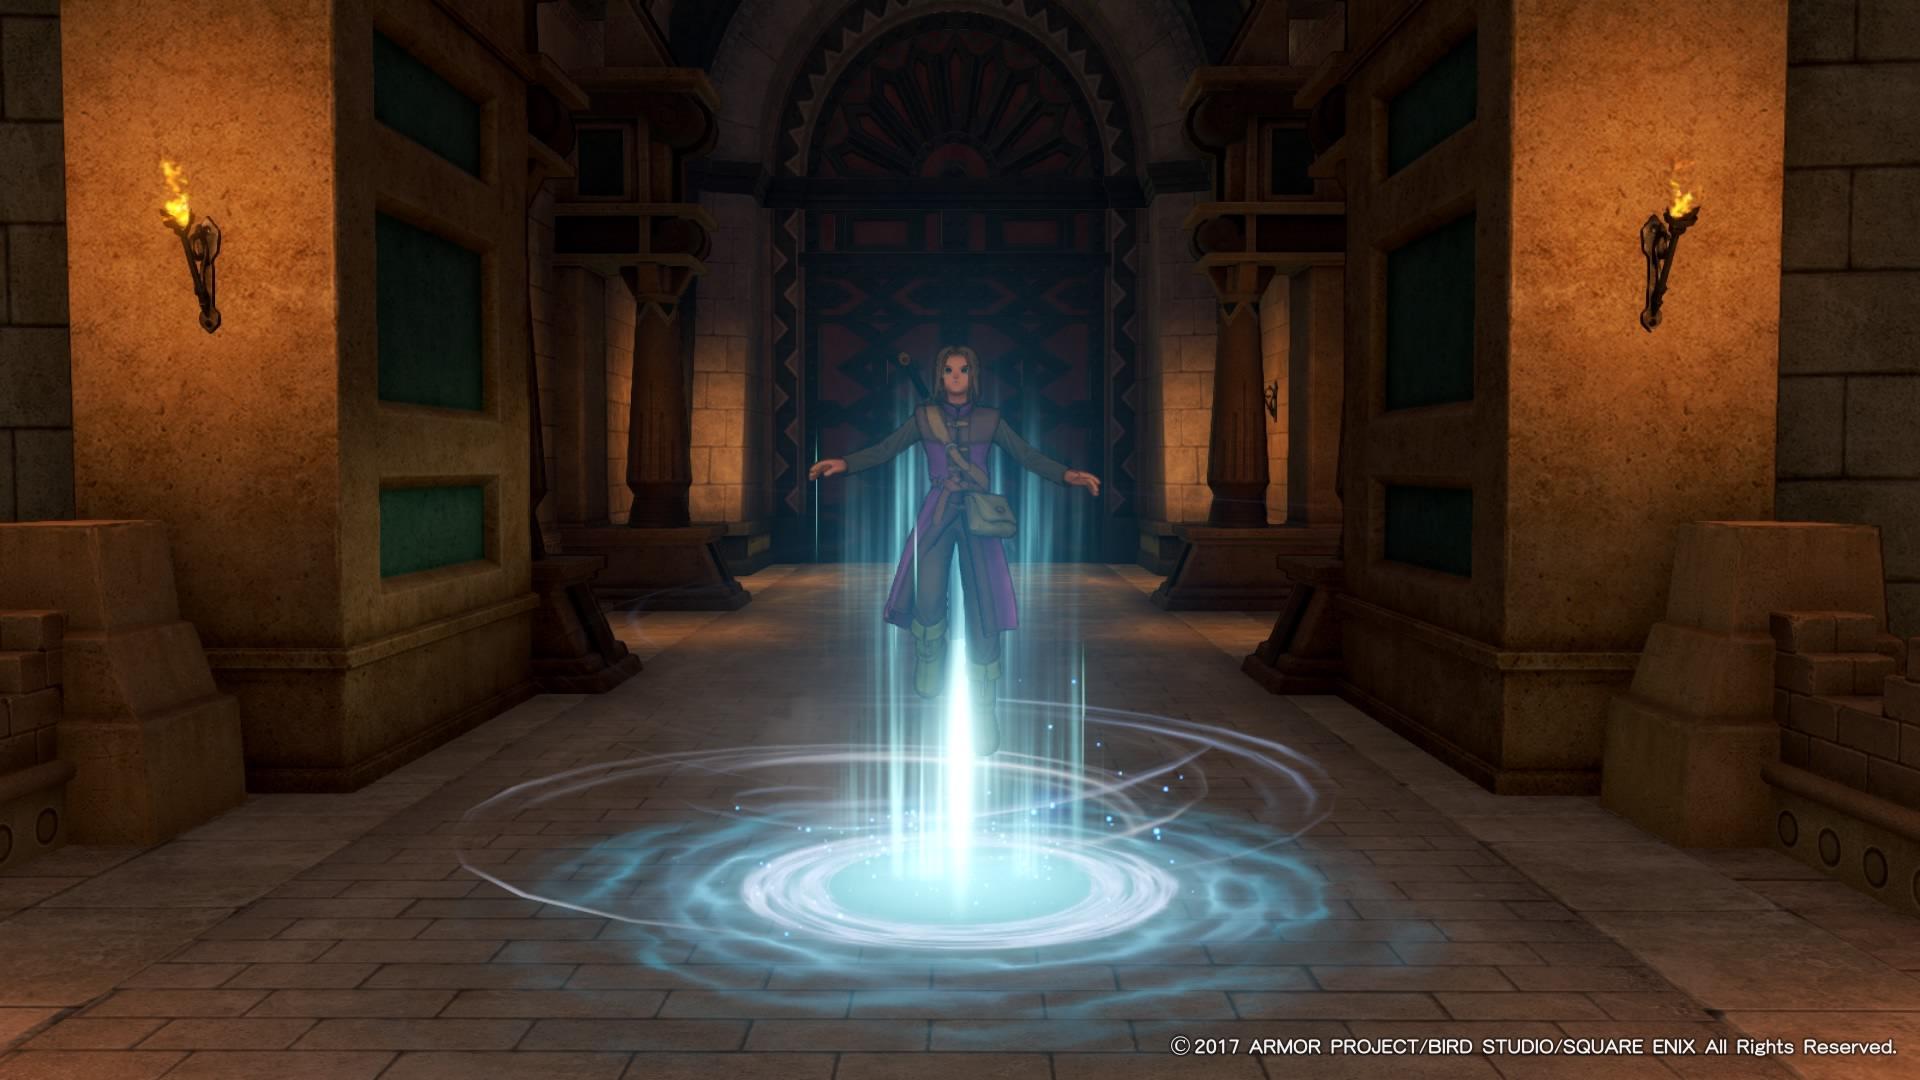 【悲報】現実世界で習得したい「ドラクエ呪文」ランキング、第10位『ザキ・ザラキ』